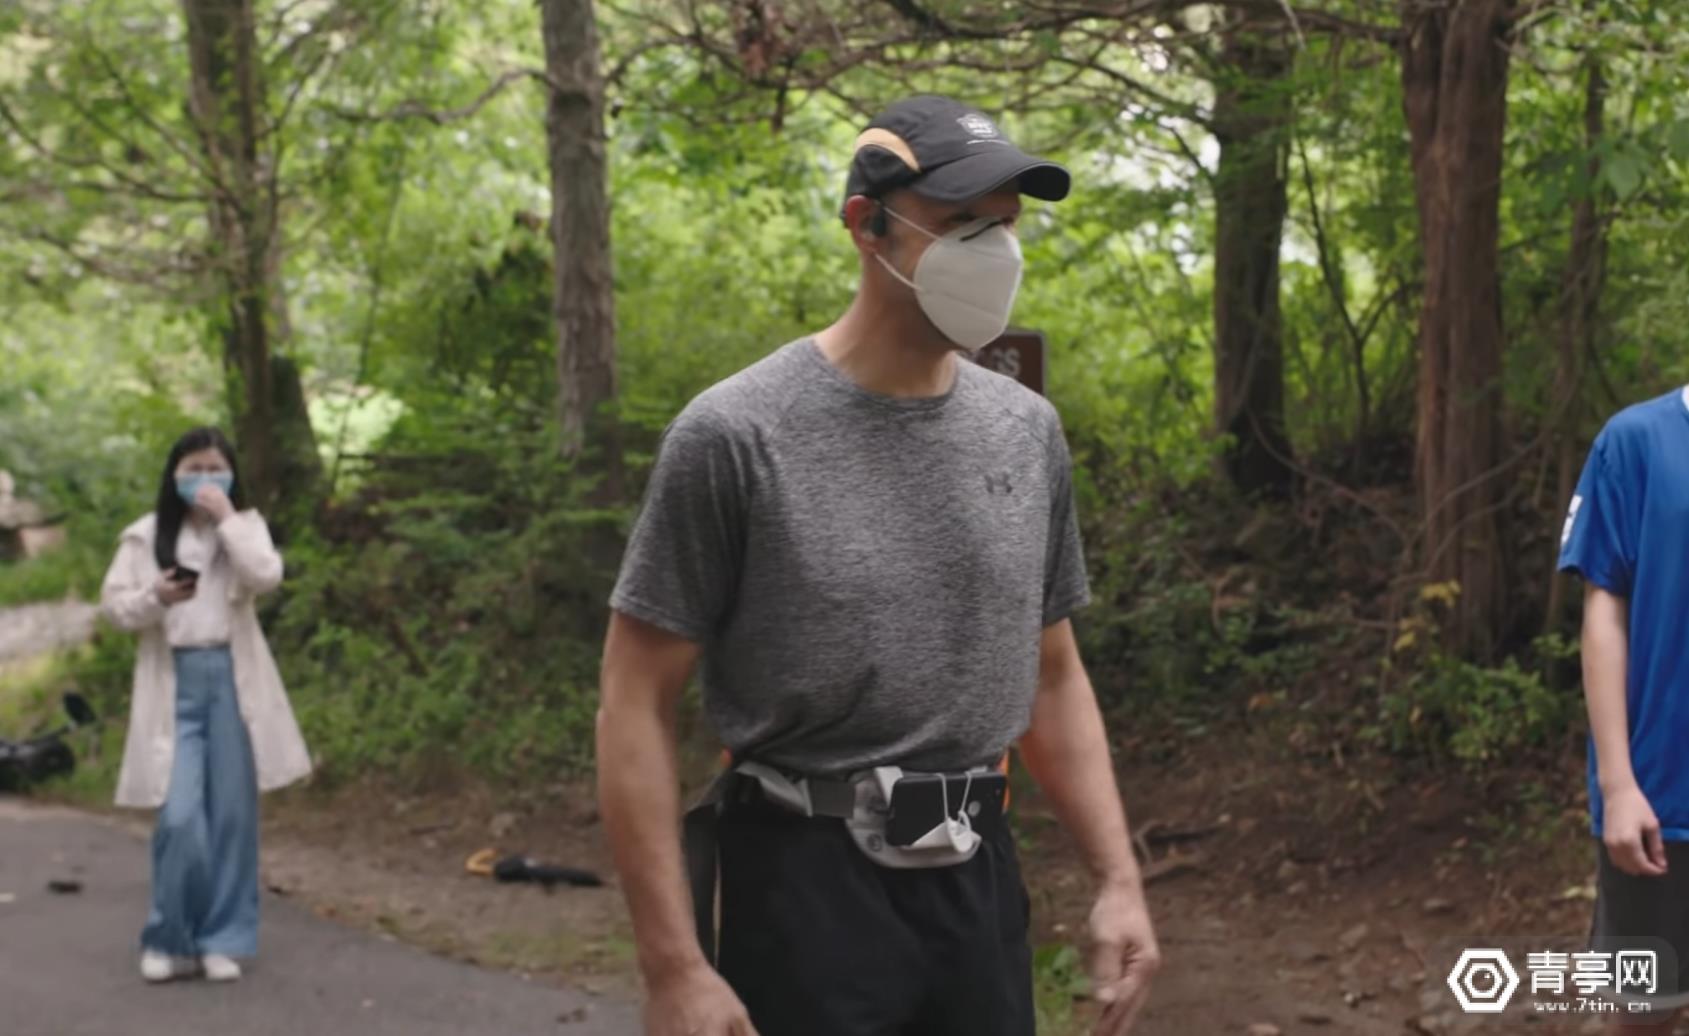 谷歌的Project Guideline可以让一个盲人独自完成跑步